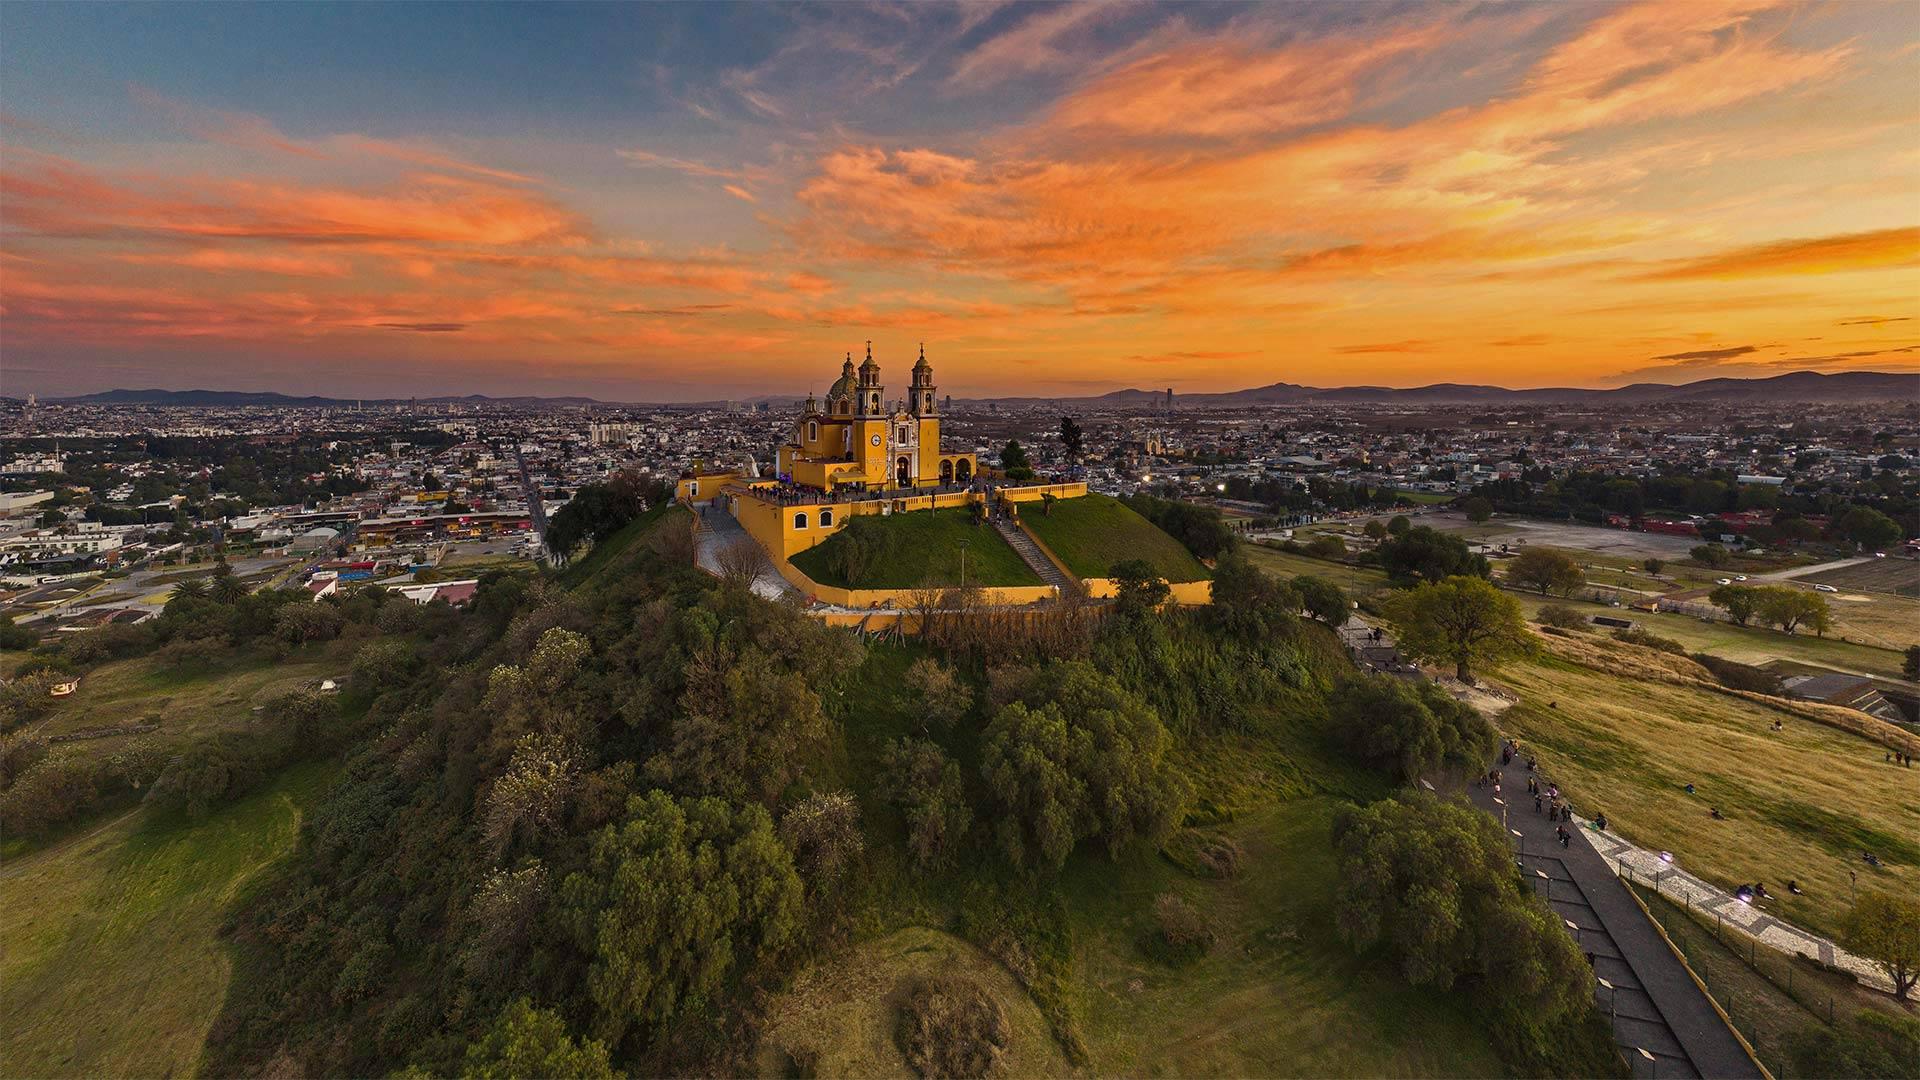 「トラチウアルテペトル」メキシコ, プエブラ州 (© mauritius images GmbH/Alamy)